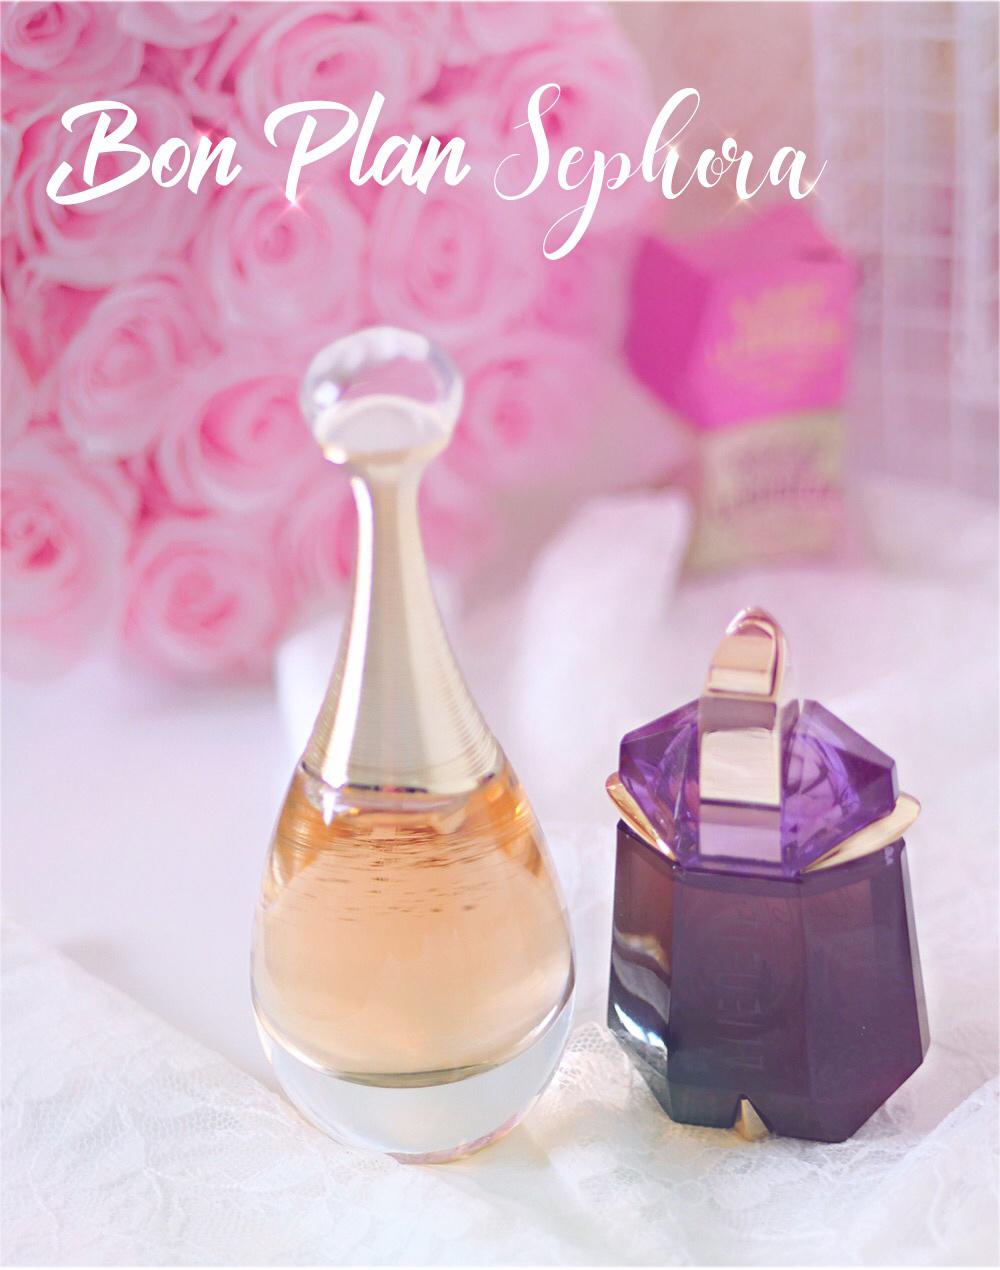 bon-plan-sephora_DEF